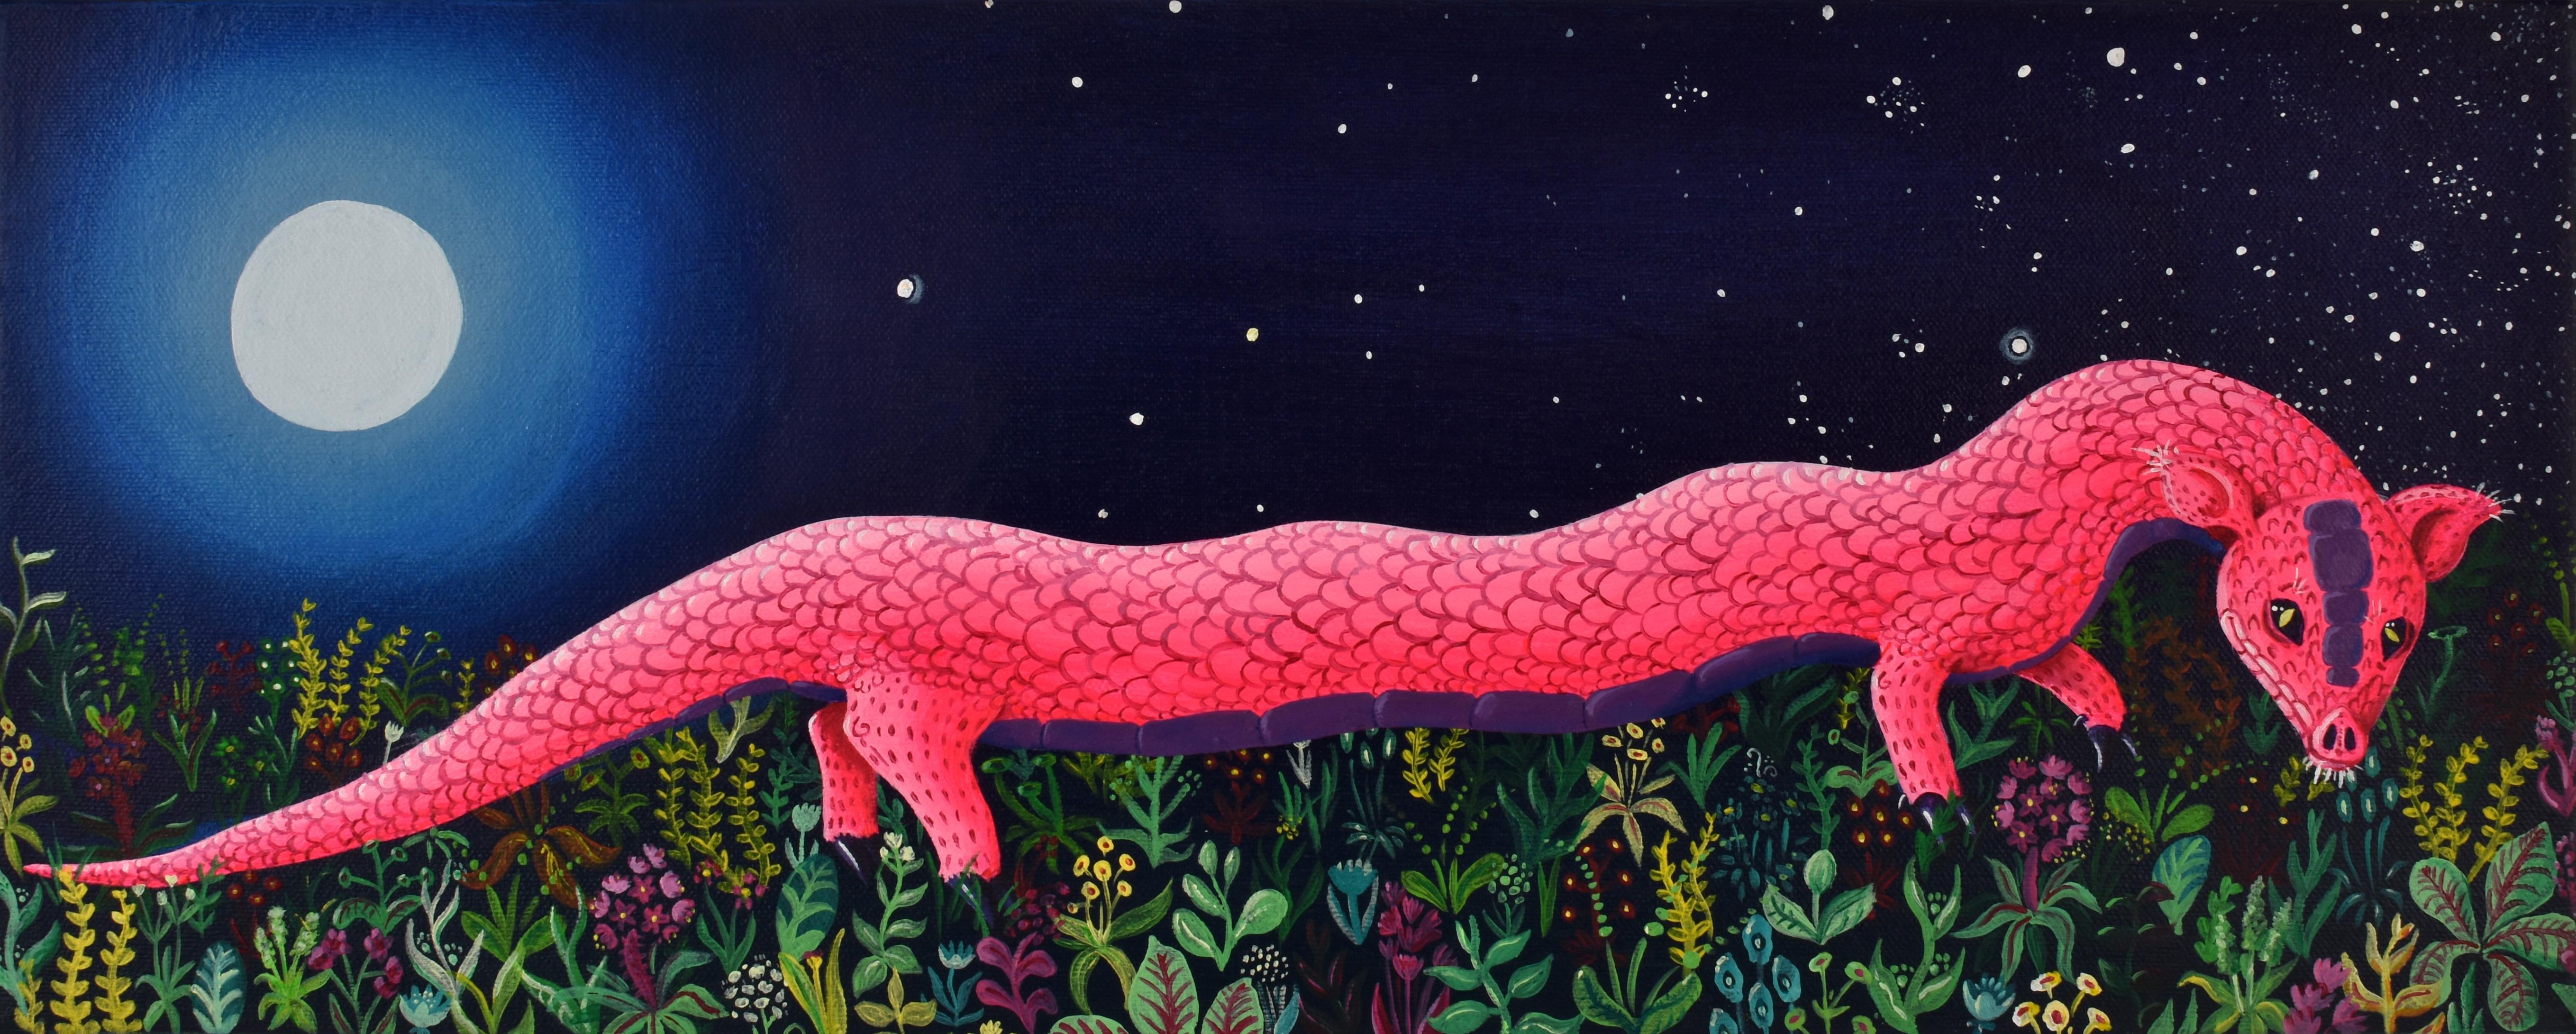 Night, Pig